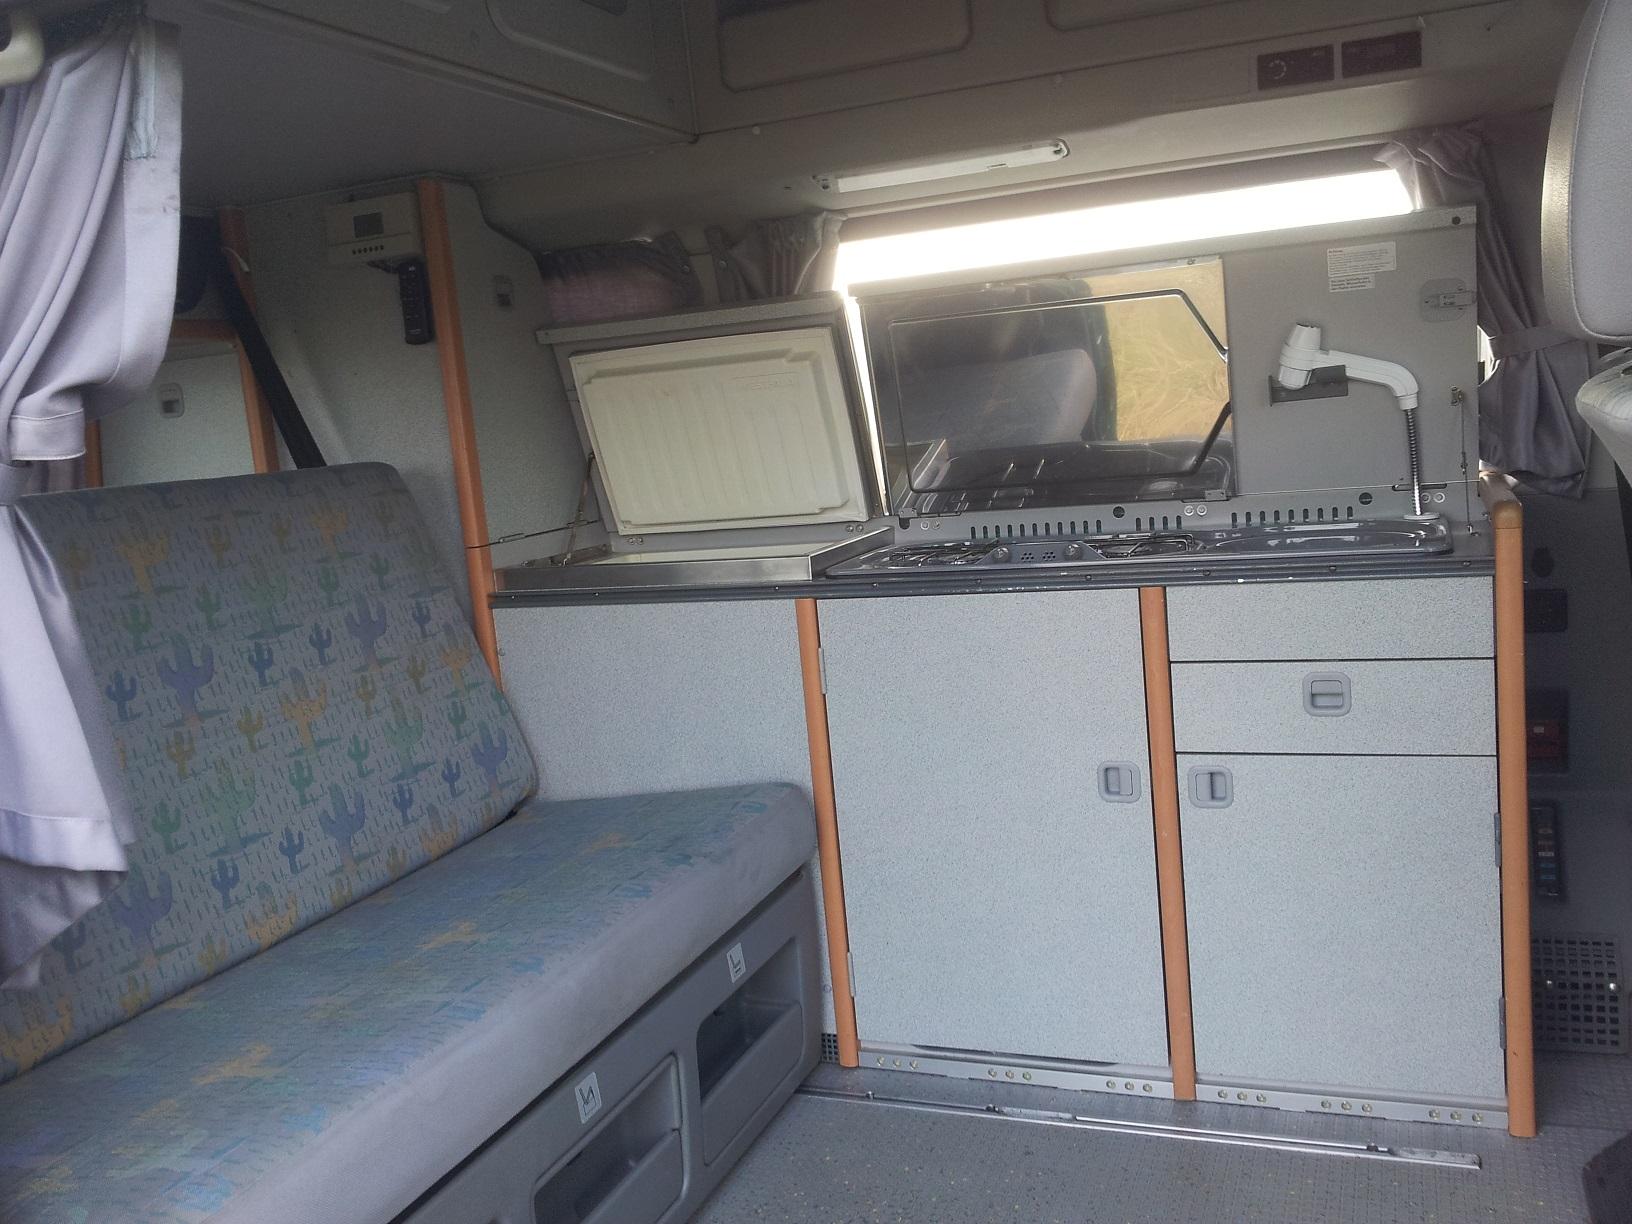 2 Personen Campervan Westfalia Highway Mit Flach Hochdach Und Glas